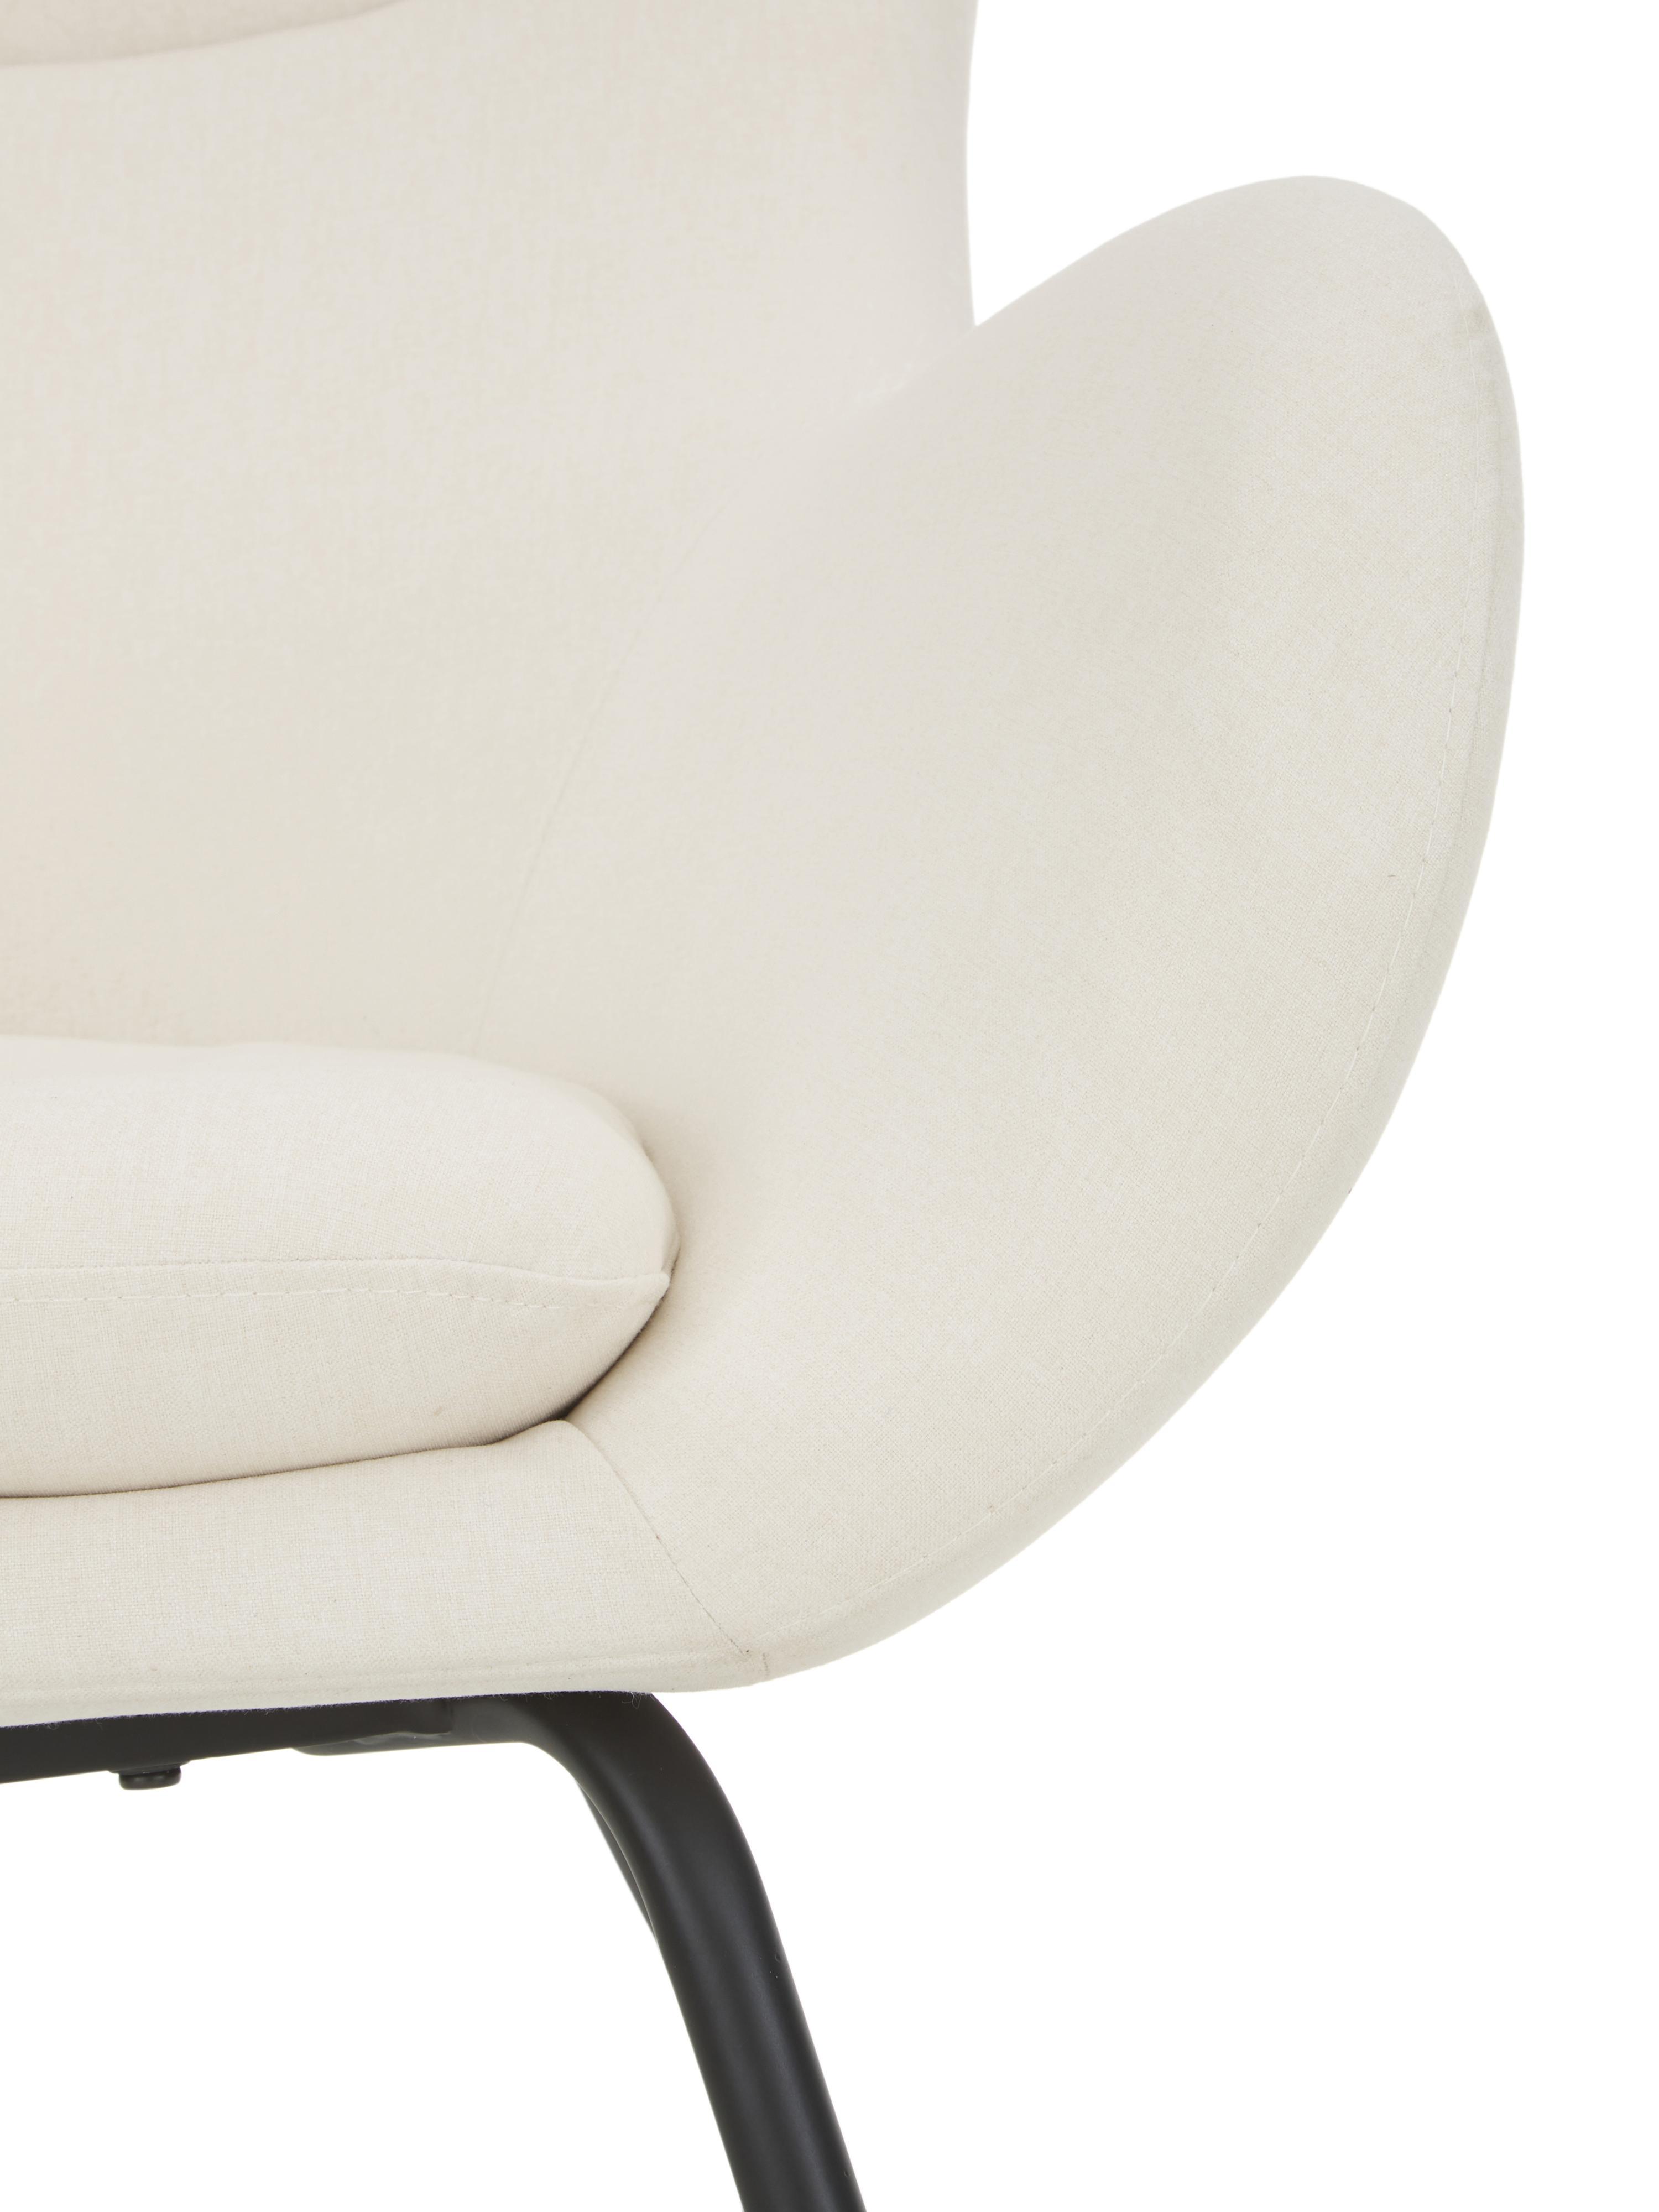 Ohrensessel Wing in Cremeweiß, Bezug: Polyester Der hochwertige, Füße: Metall, pulverbeschichtet, Webstoff Cremeweiß, B 75 x T 85 cm